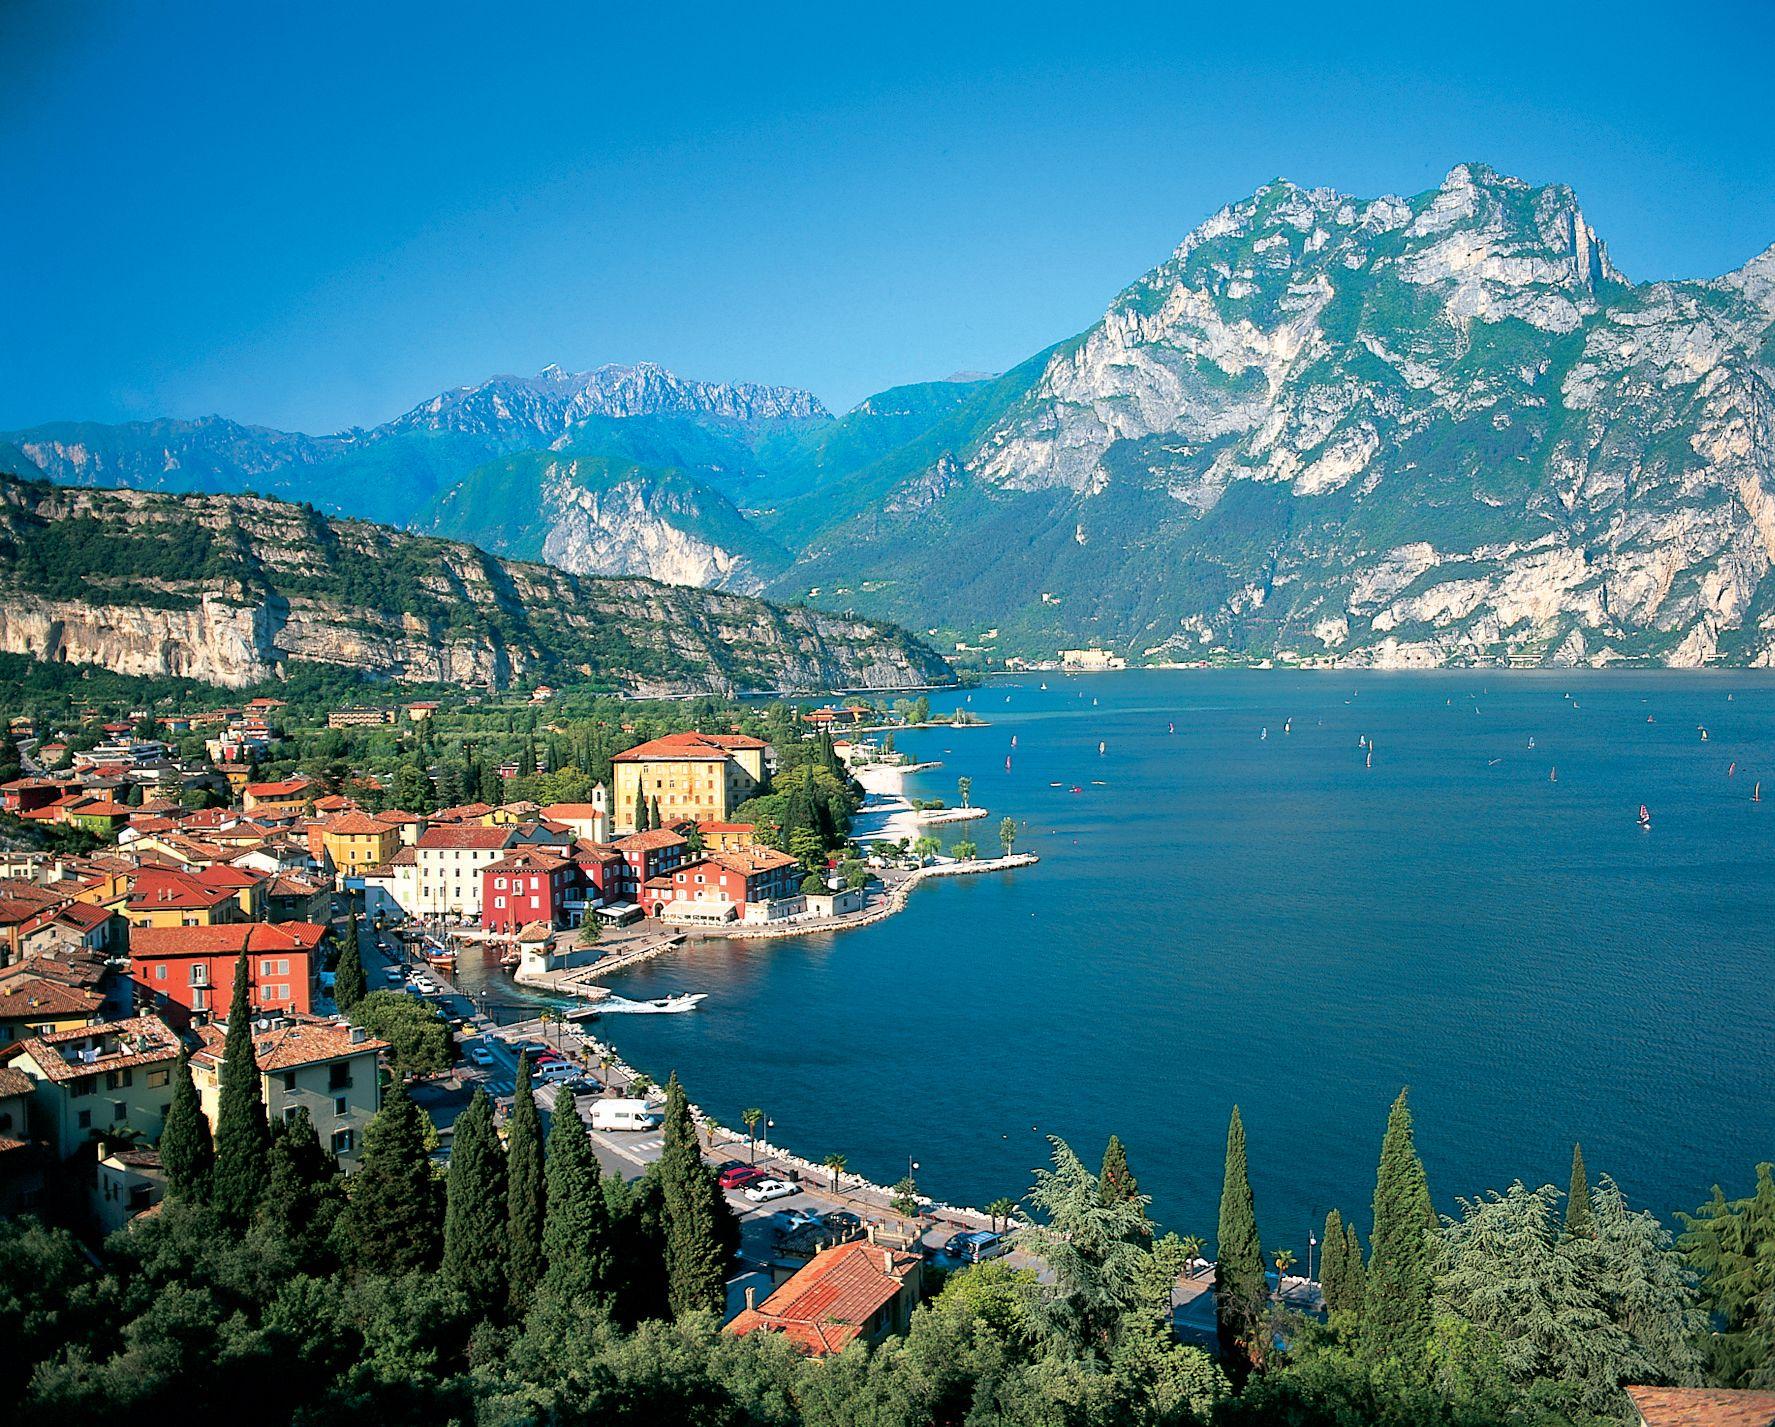 Lago de Garda - Qué ver en el Lago Garda y cómo llegar desde Milán